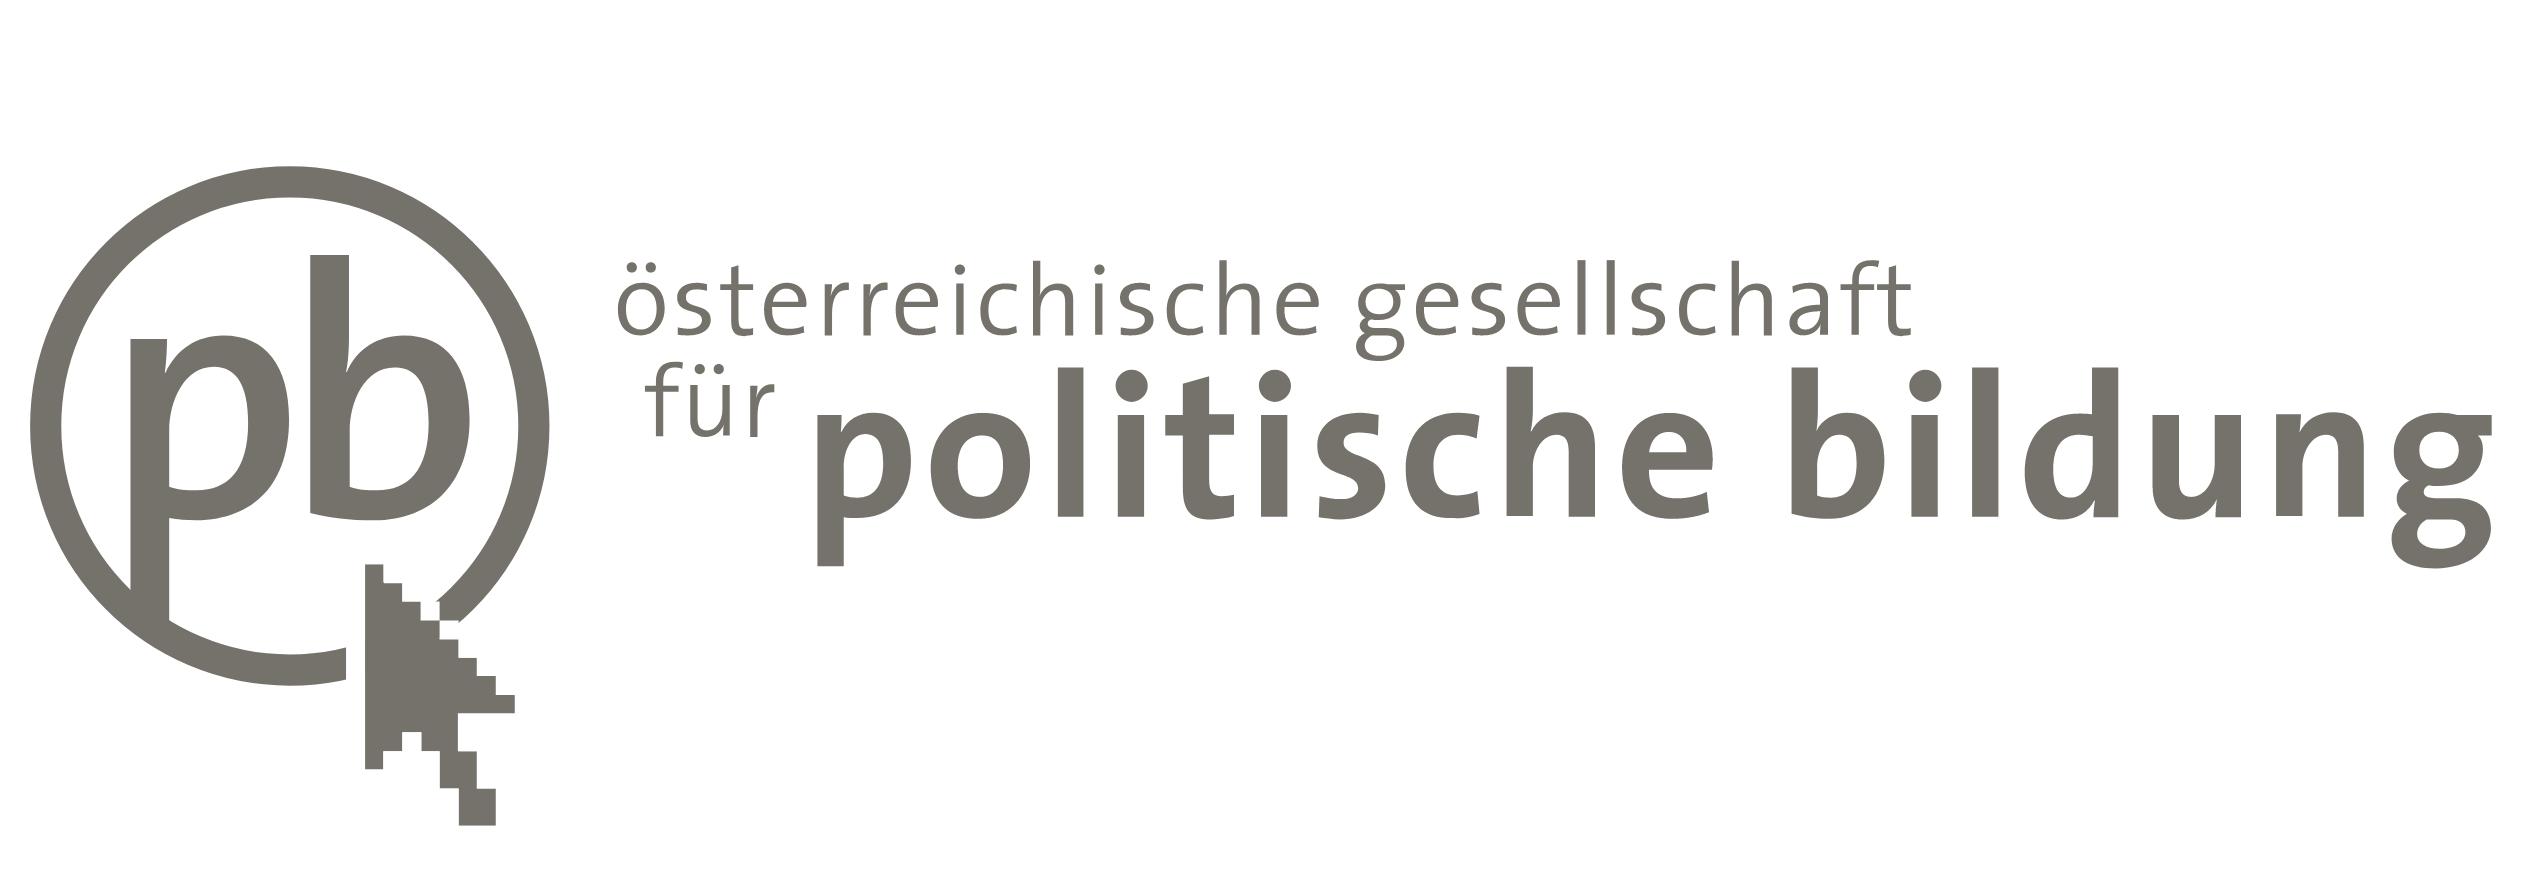 gesellschaft fuer politische bildung